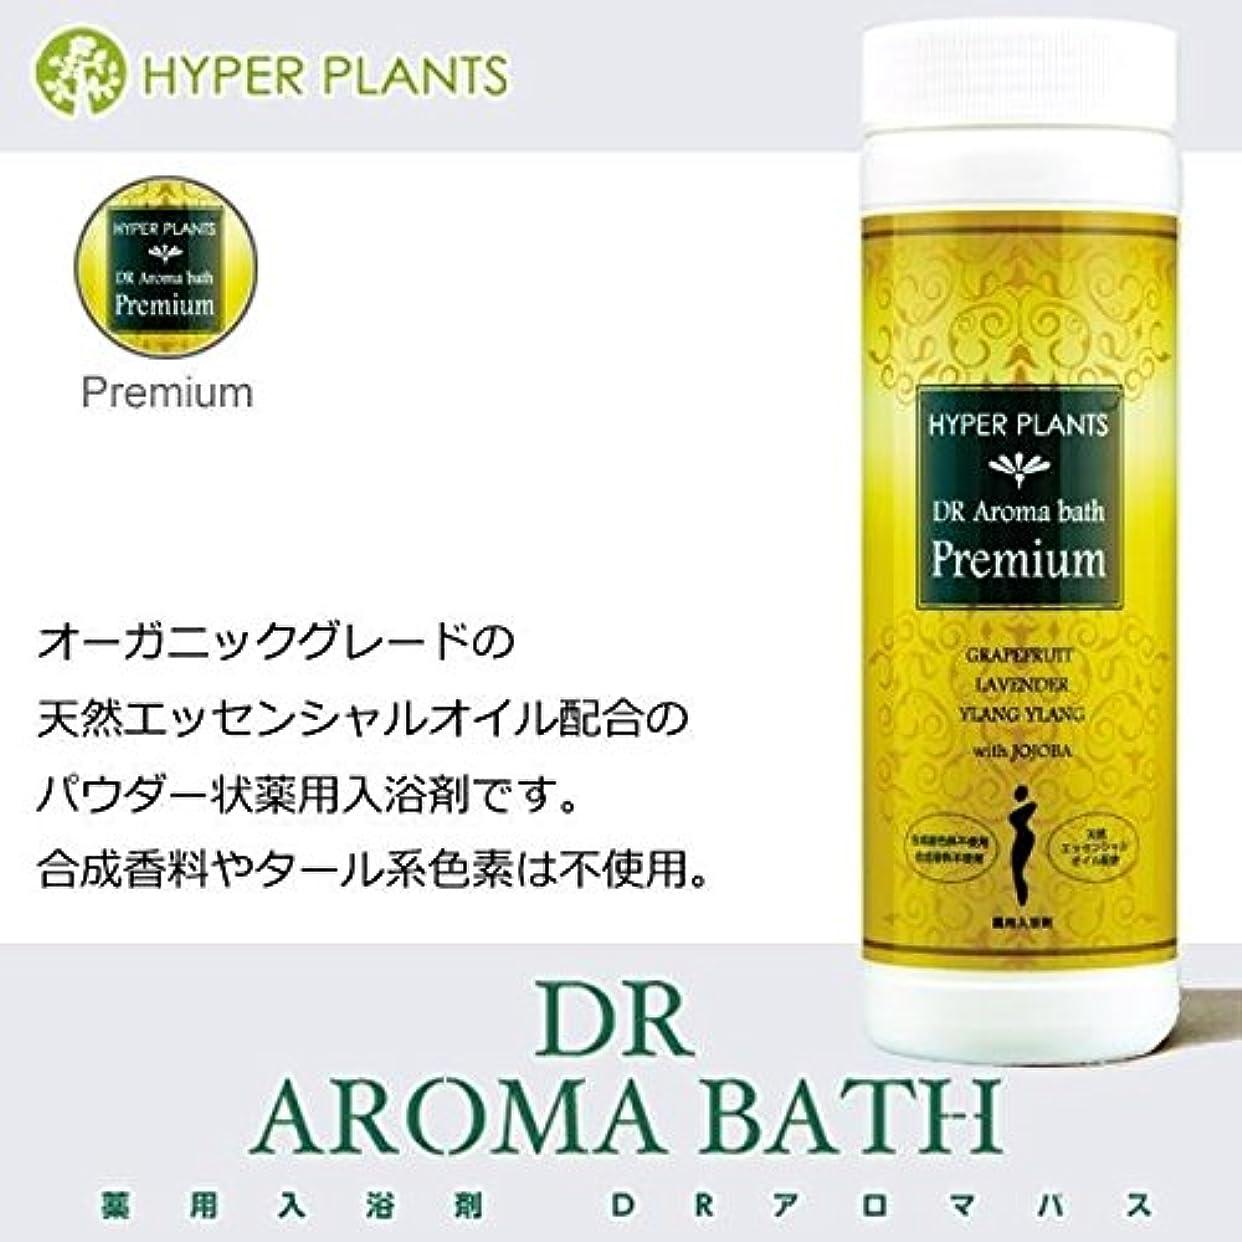 暗殺する組み合わせ定義する医薬部外品 薬用入浴剤 ハイパープランツ(HYPER PLANTS) DRアロマバス プレミアム 500g HN0013